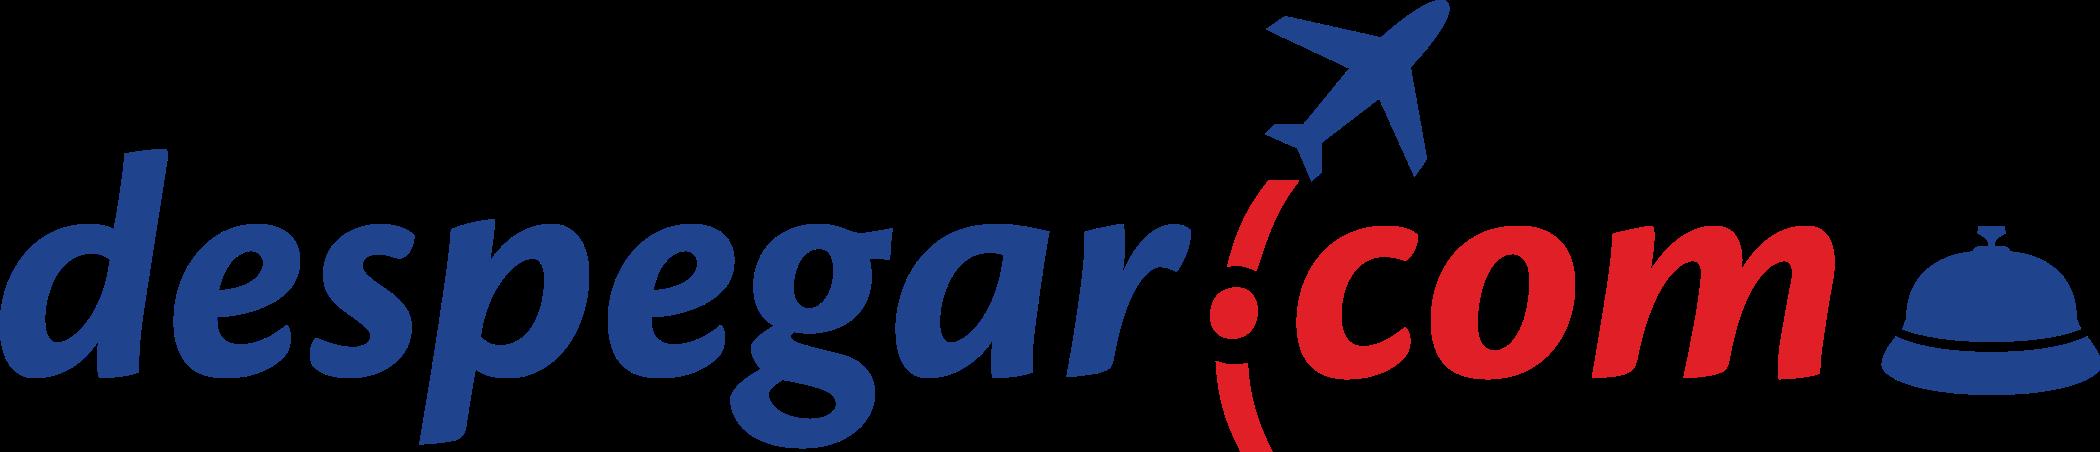 despegar.com logo 1 - Despegar.com Logo